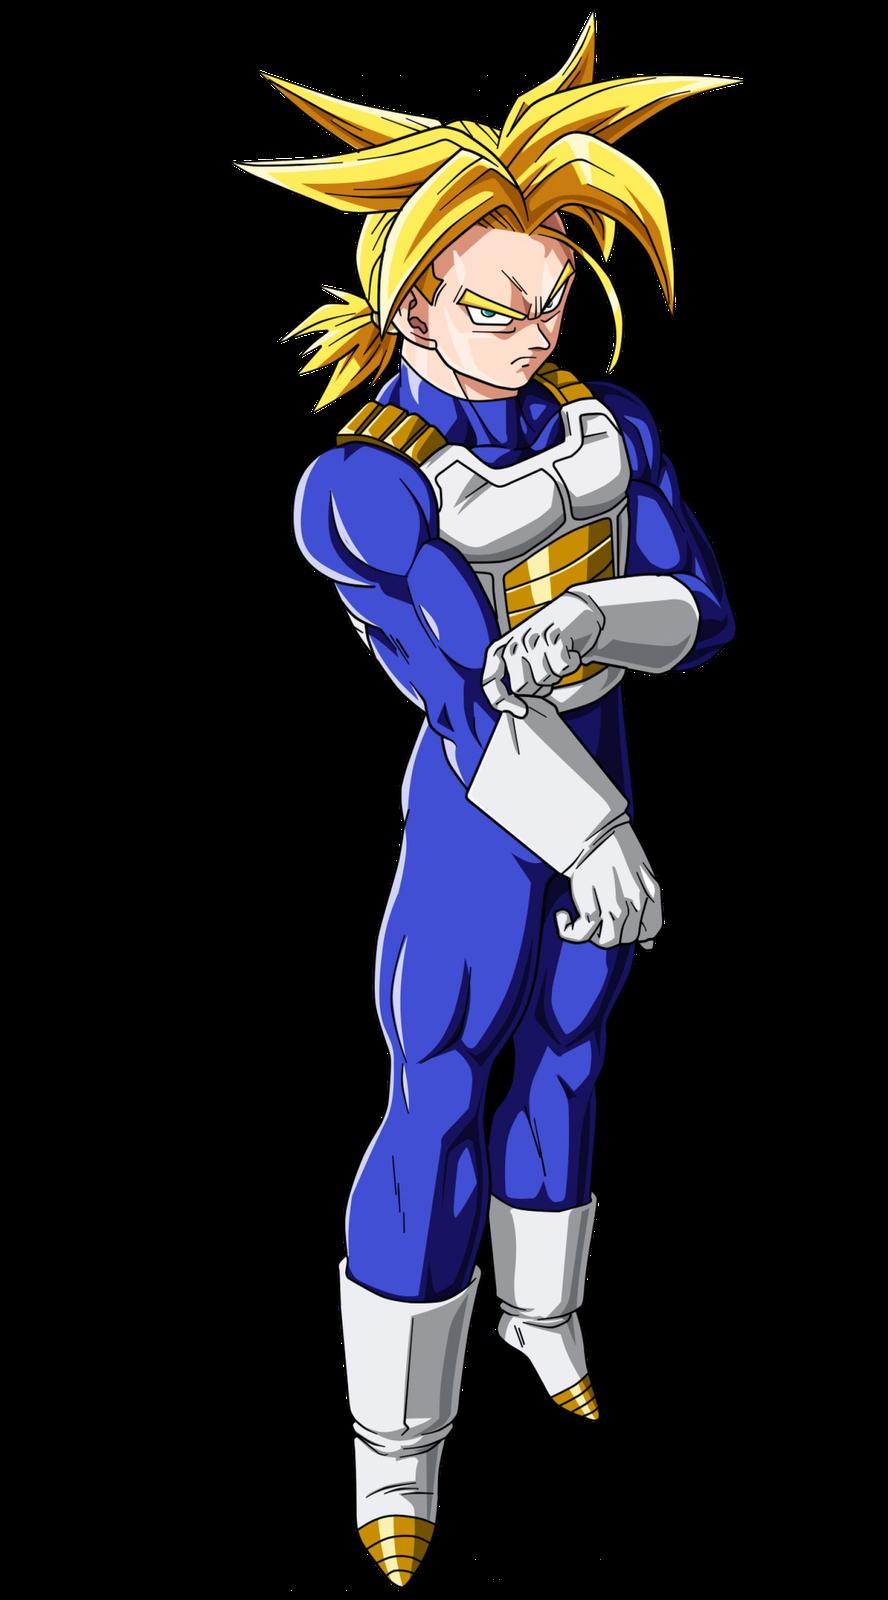 Trunks del Futuro Super Saiyajin - Dragon Ball Wiki